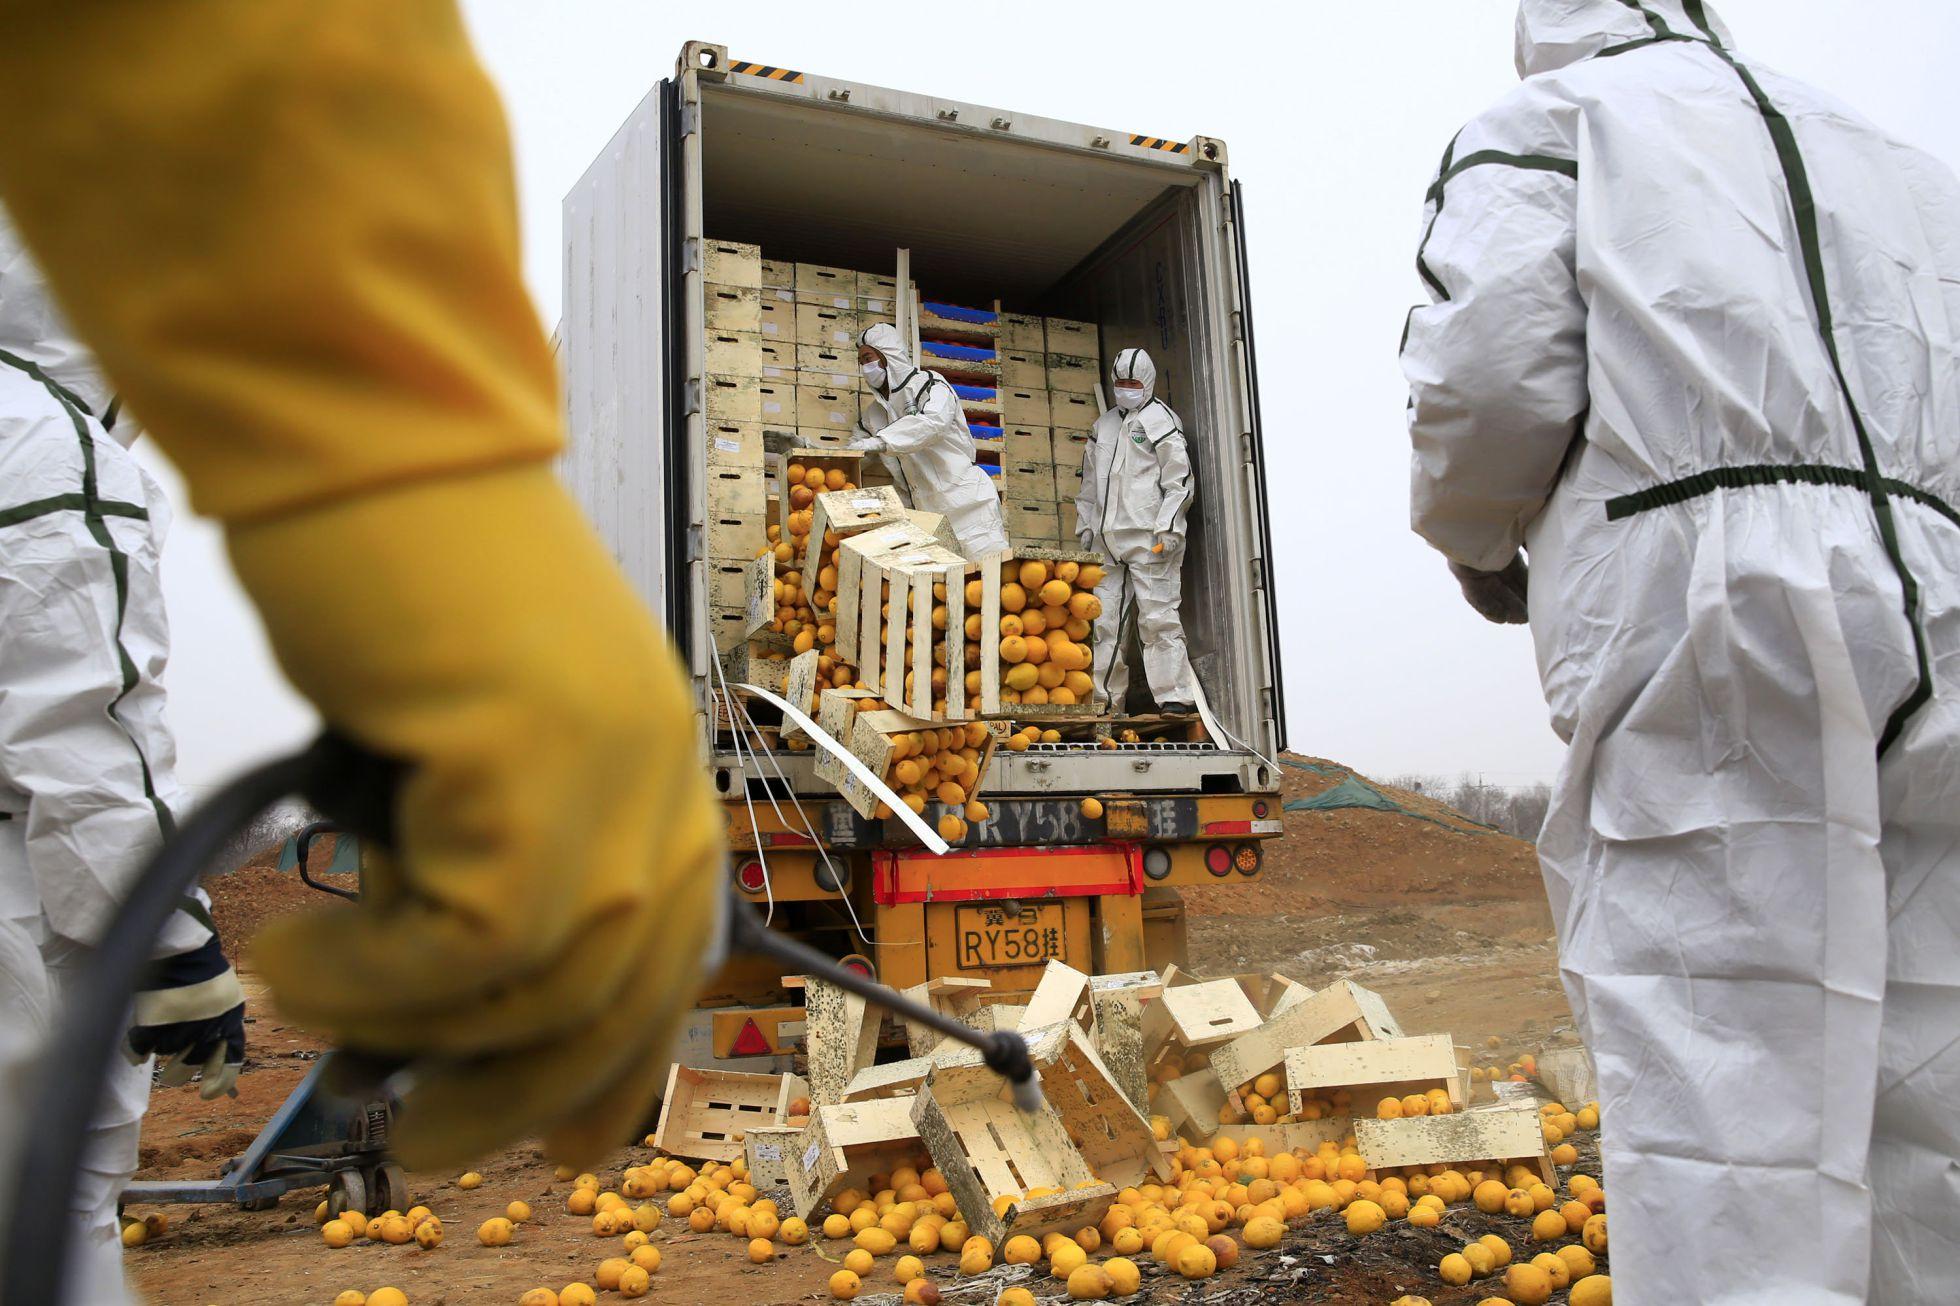 Alimentos Hambre Capitalismo  - Página 3 1458133920_016991_1458137015_sumario_normal_recorte1